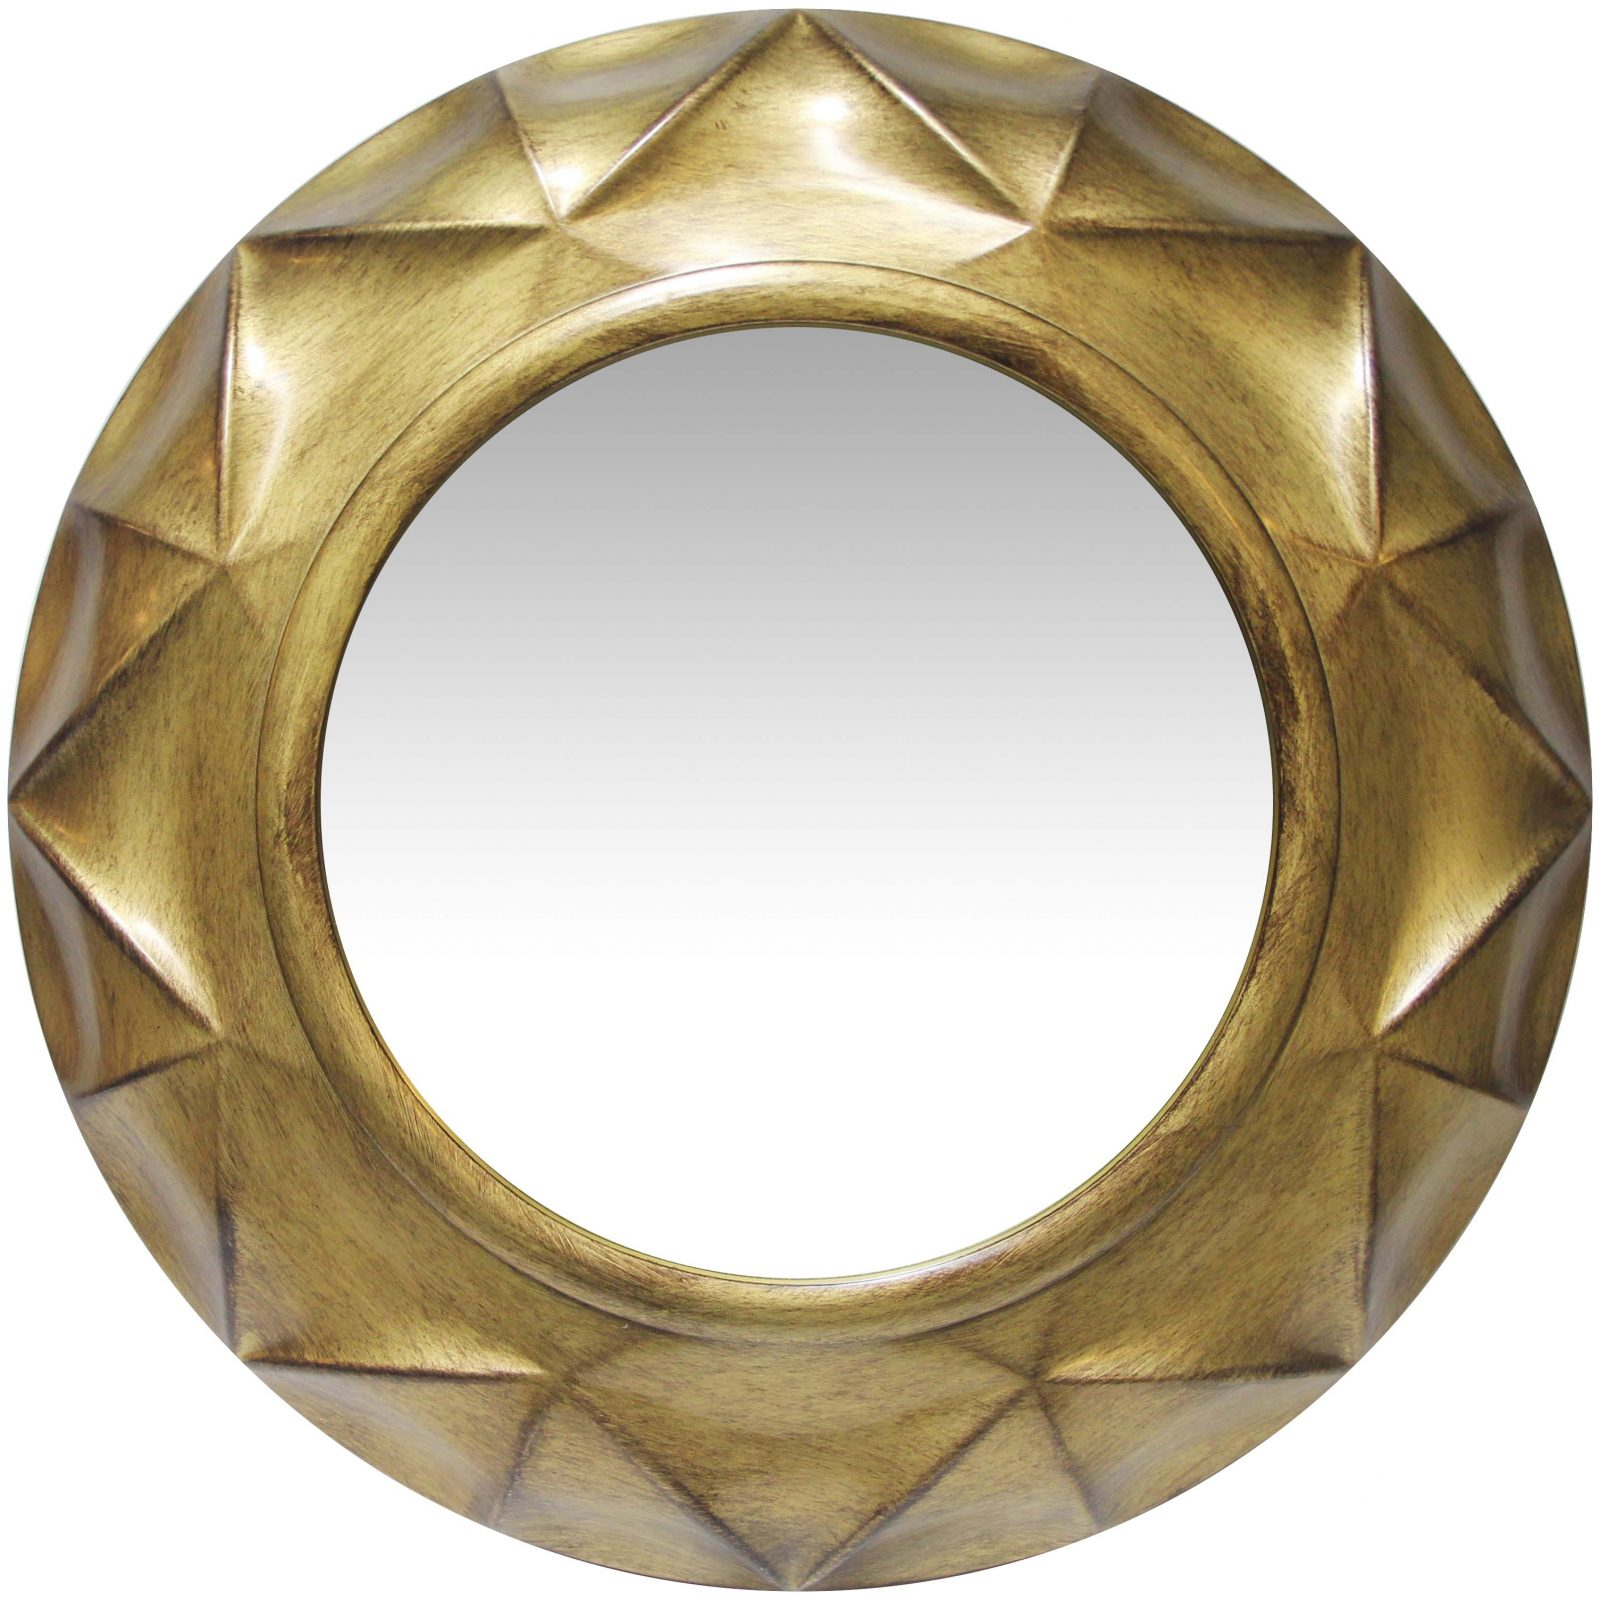 20 inch Vigil; an Antique Silver Wall Mirror